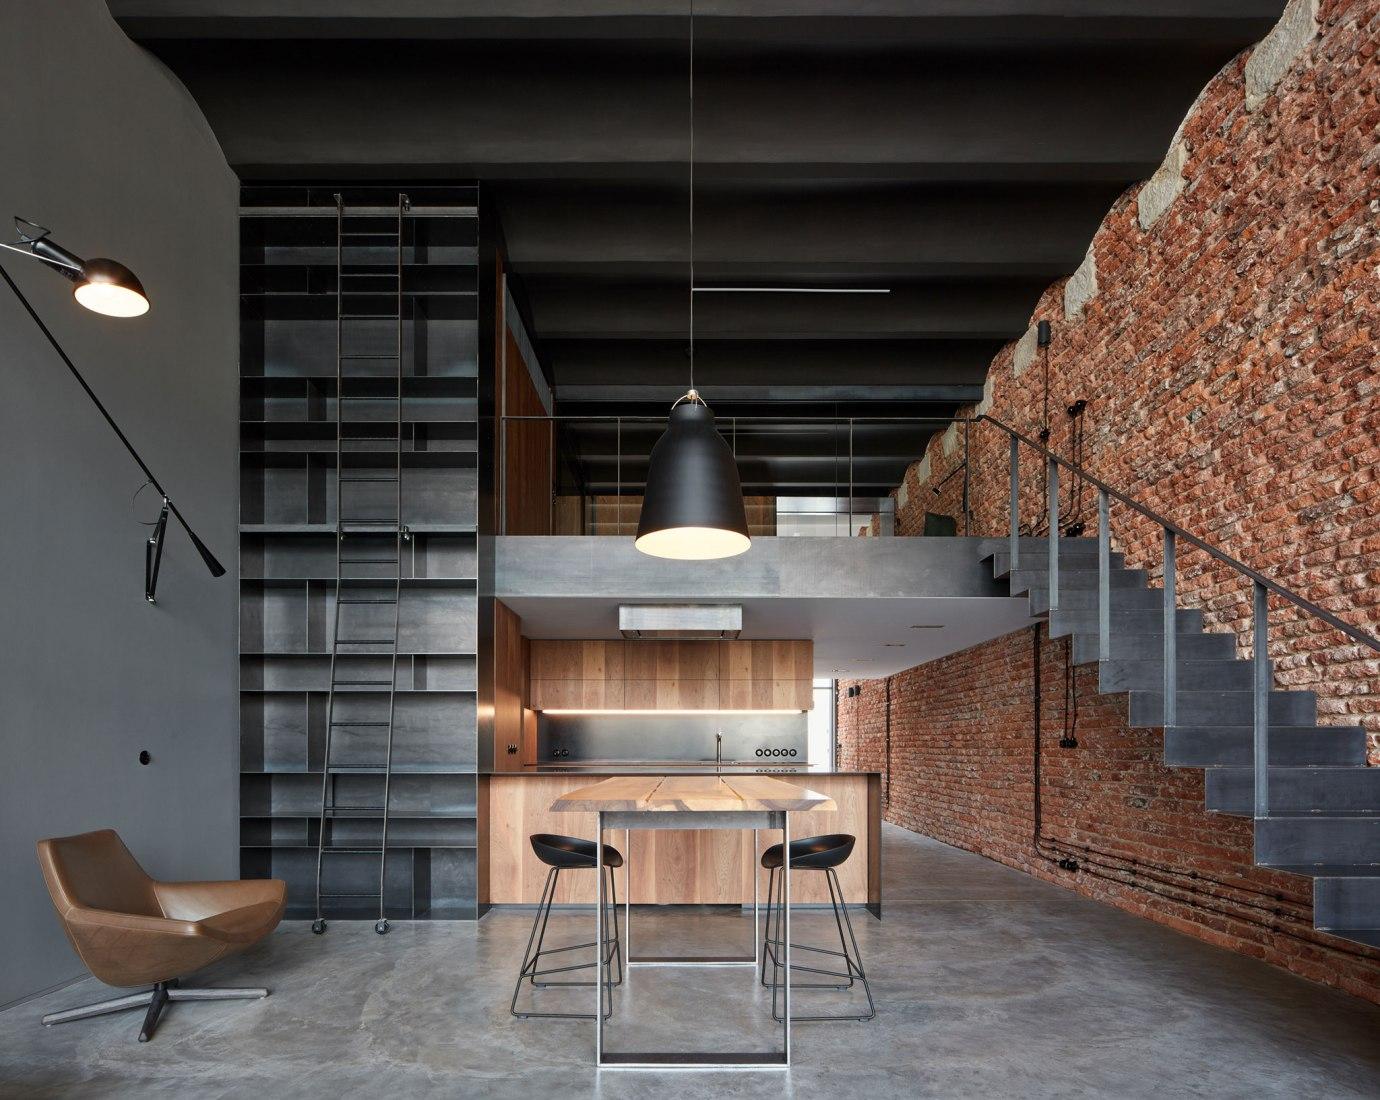 Loft with Love. Loft renovation, by CMC architects. Photograph by BoysPlayNice